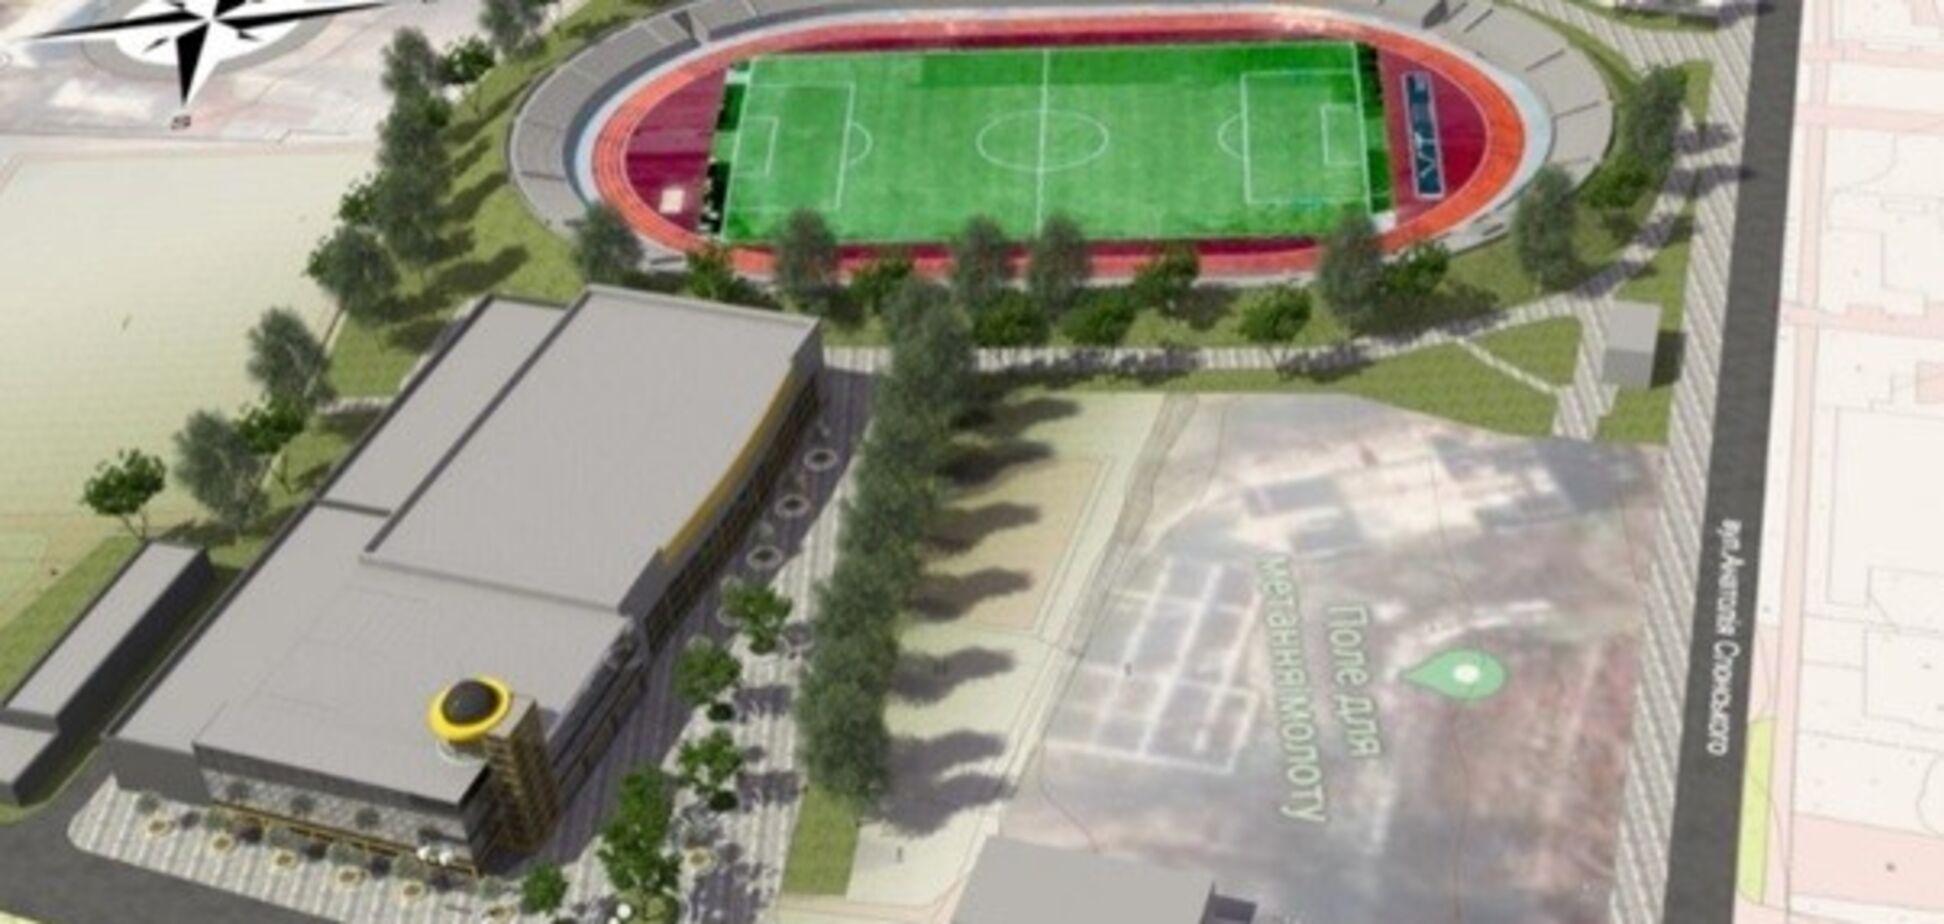 Бюджетний комітет одобрив 800 млн грн на 'Велике будівництво' спортивних магнітів